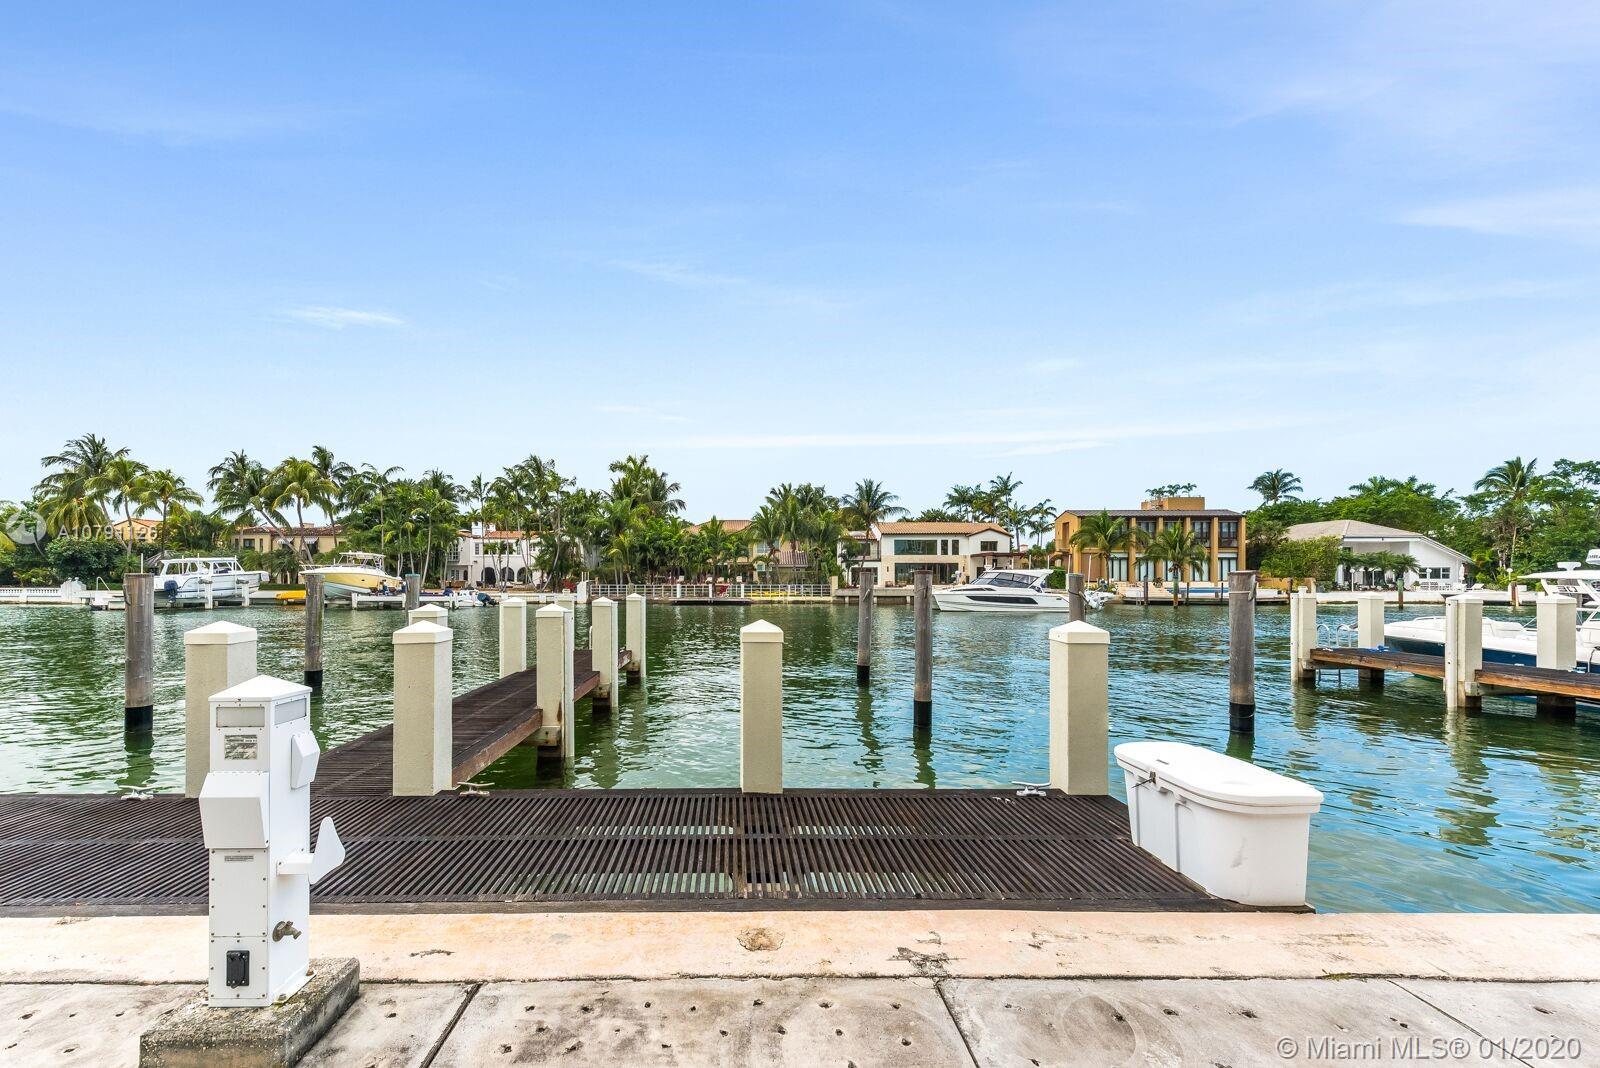 6101 W Laguna Dr W - Miami Beach, Florida